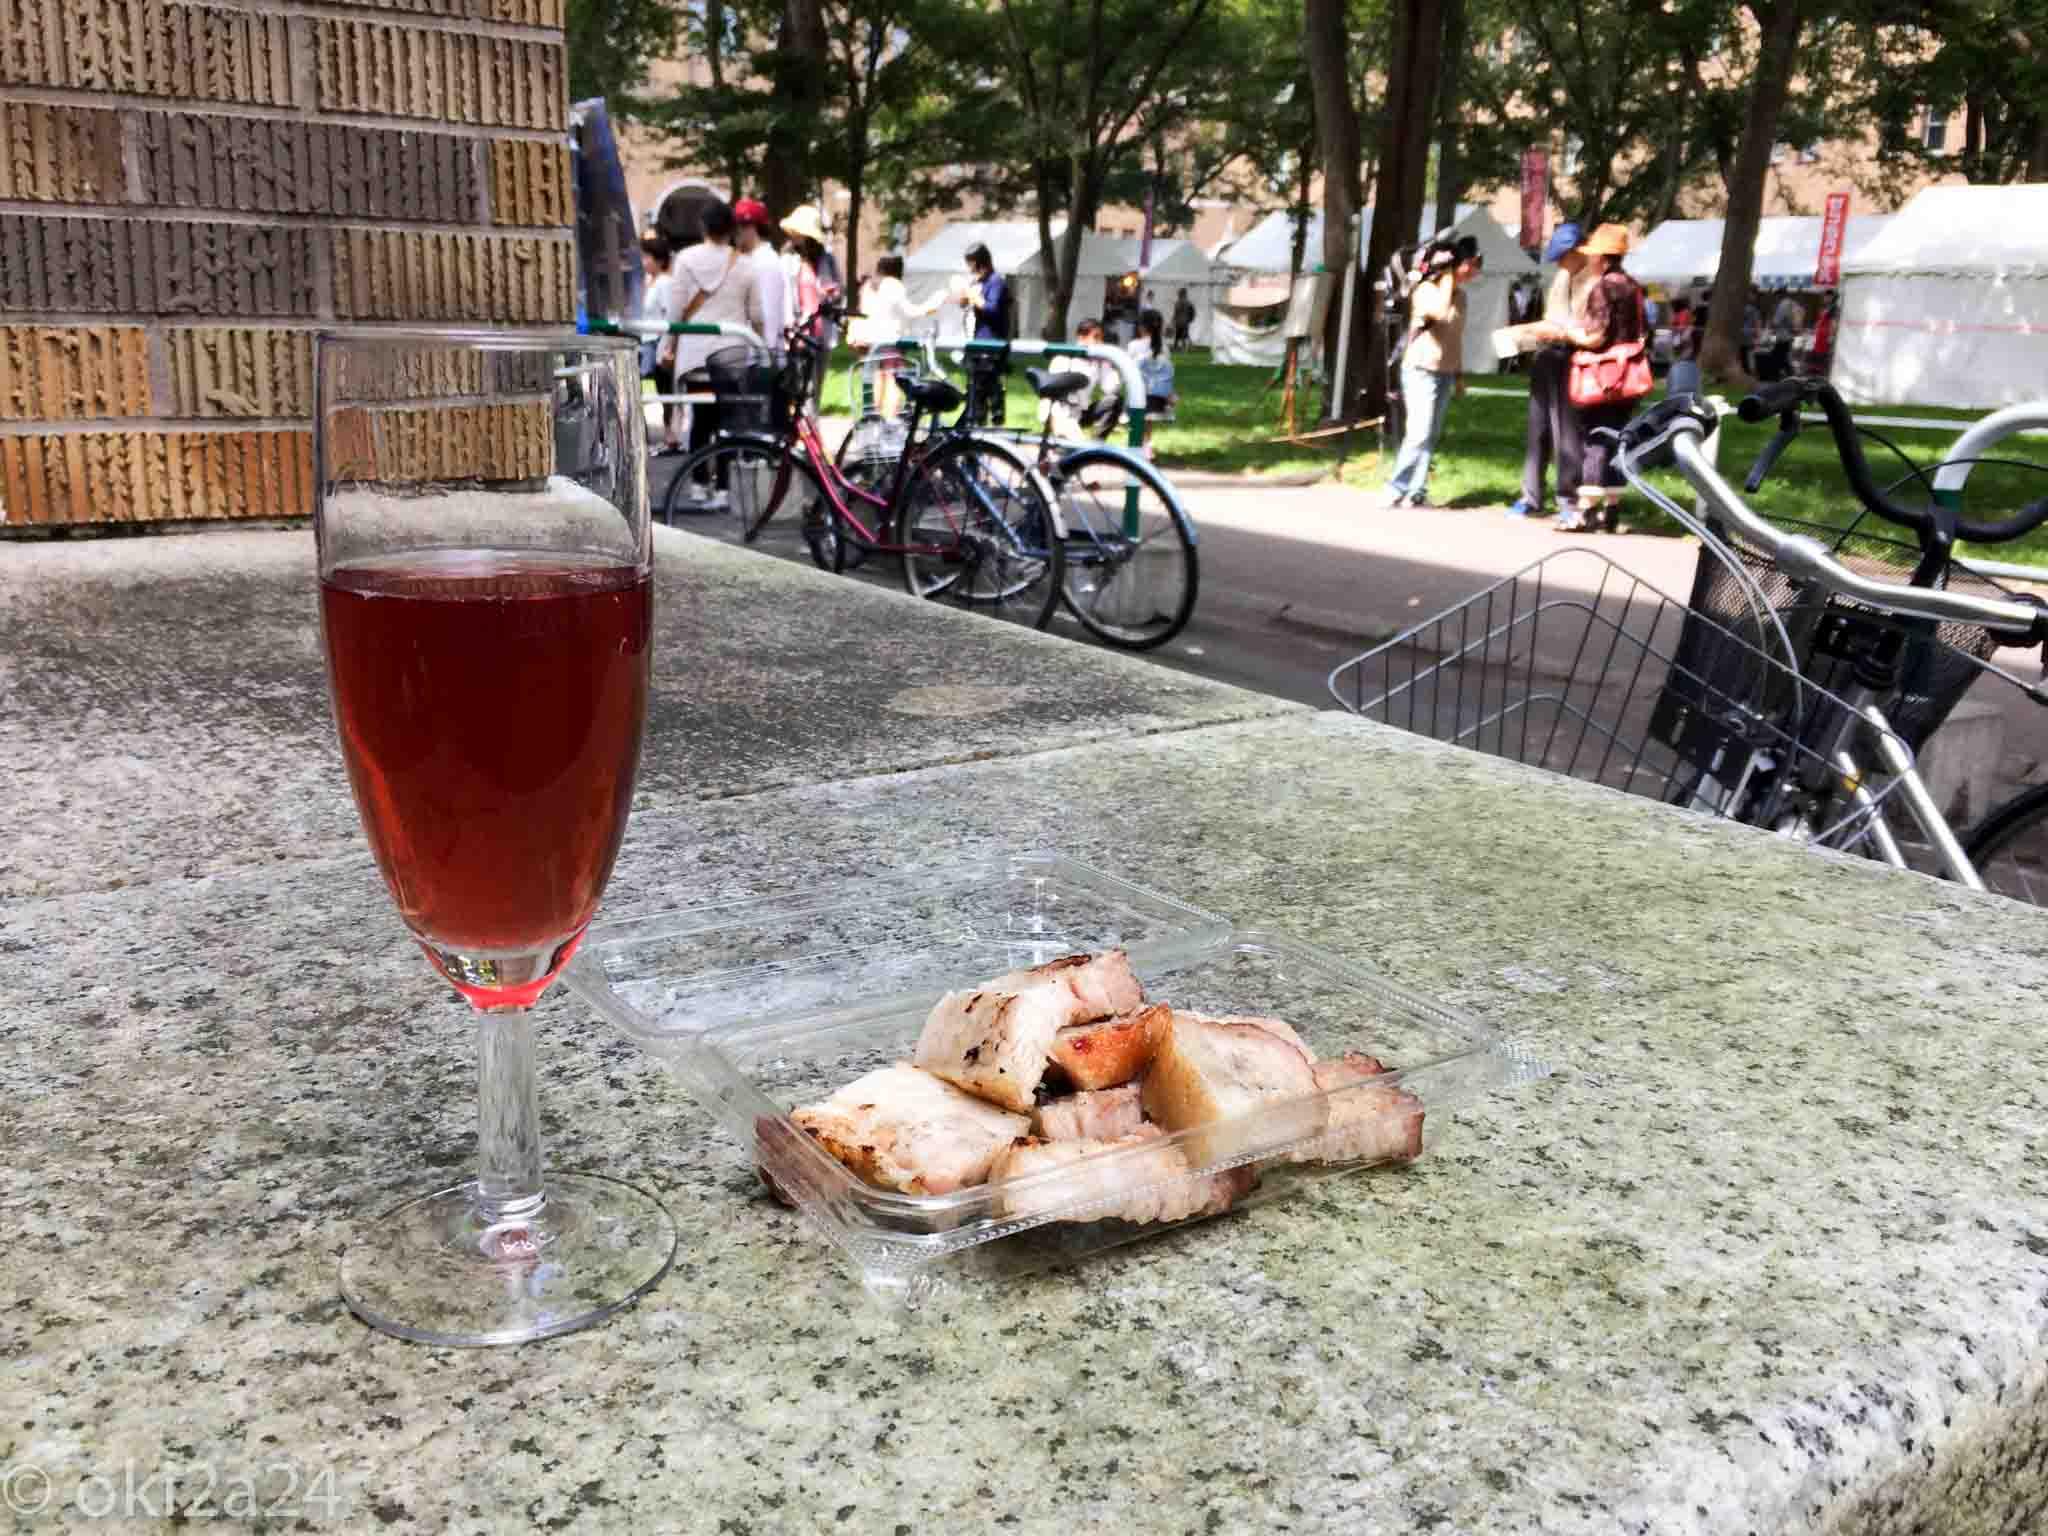 ロゼのワインと焼きベーコンを一緒にいただきます!美味しい♪